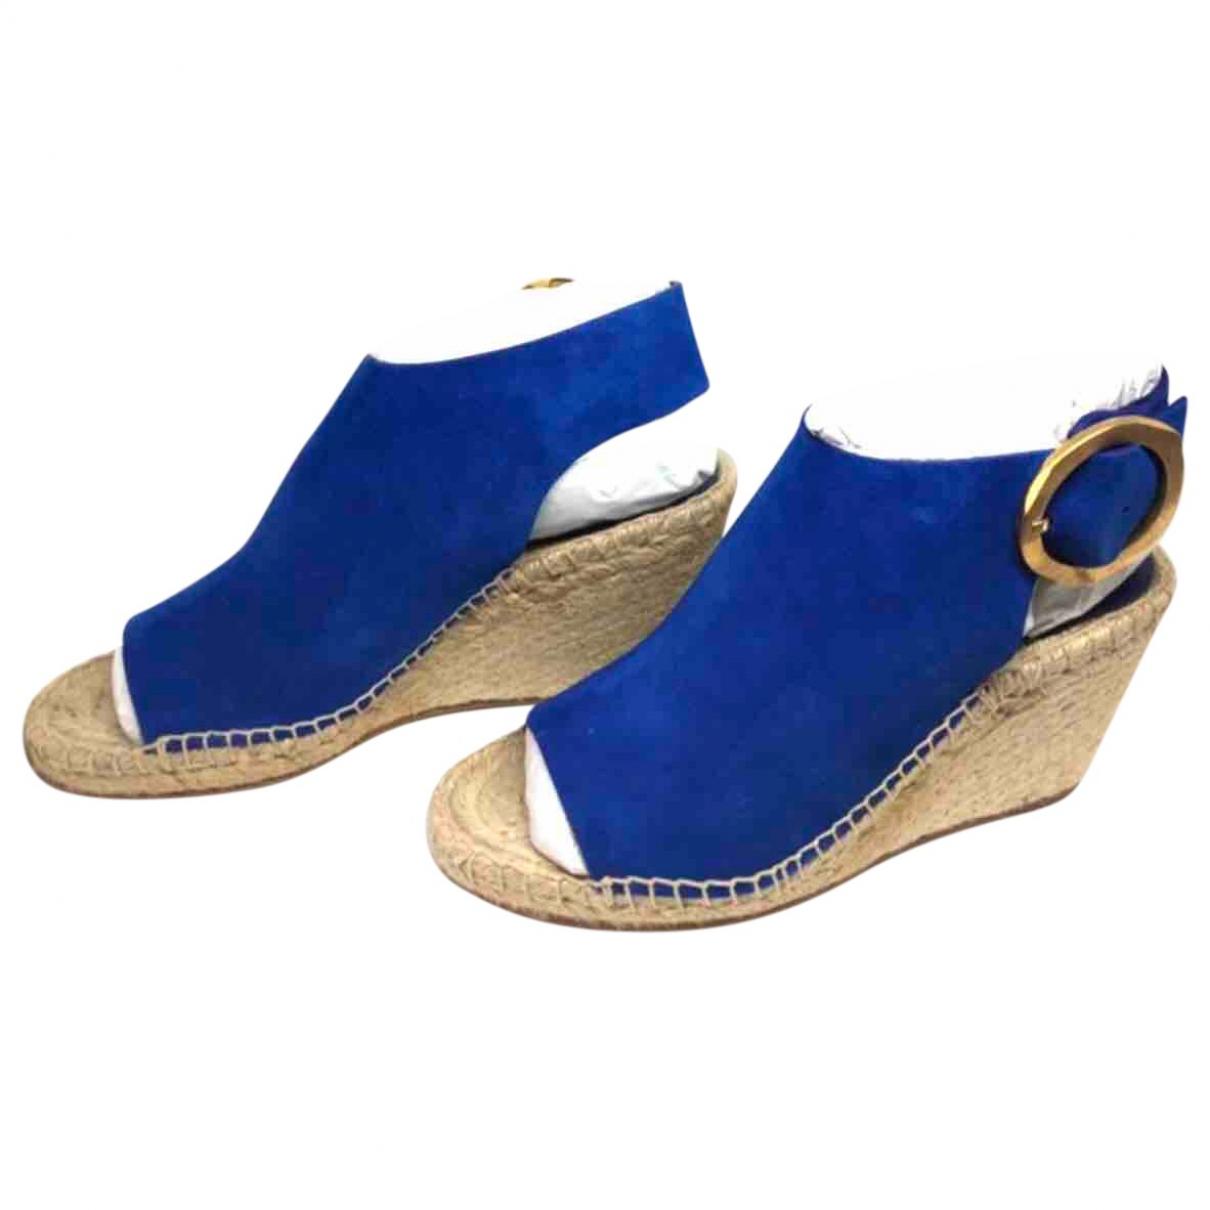 Celine \N Espadrilles in  Blau Veloursleder